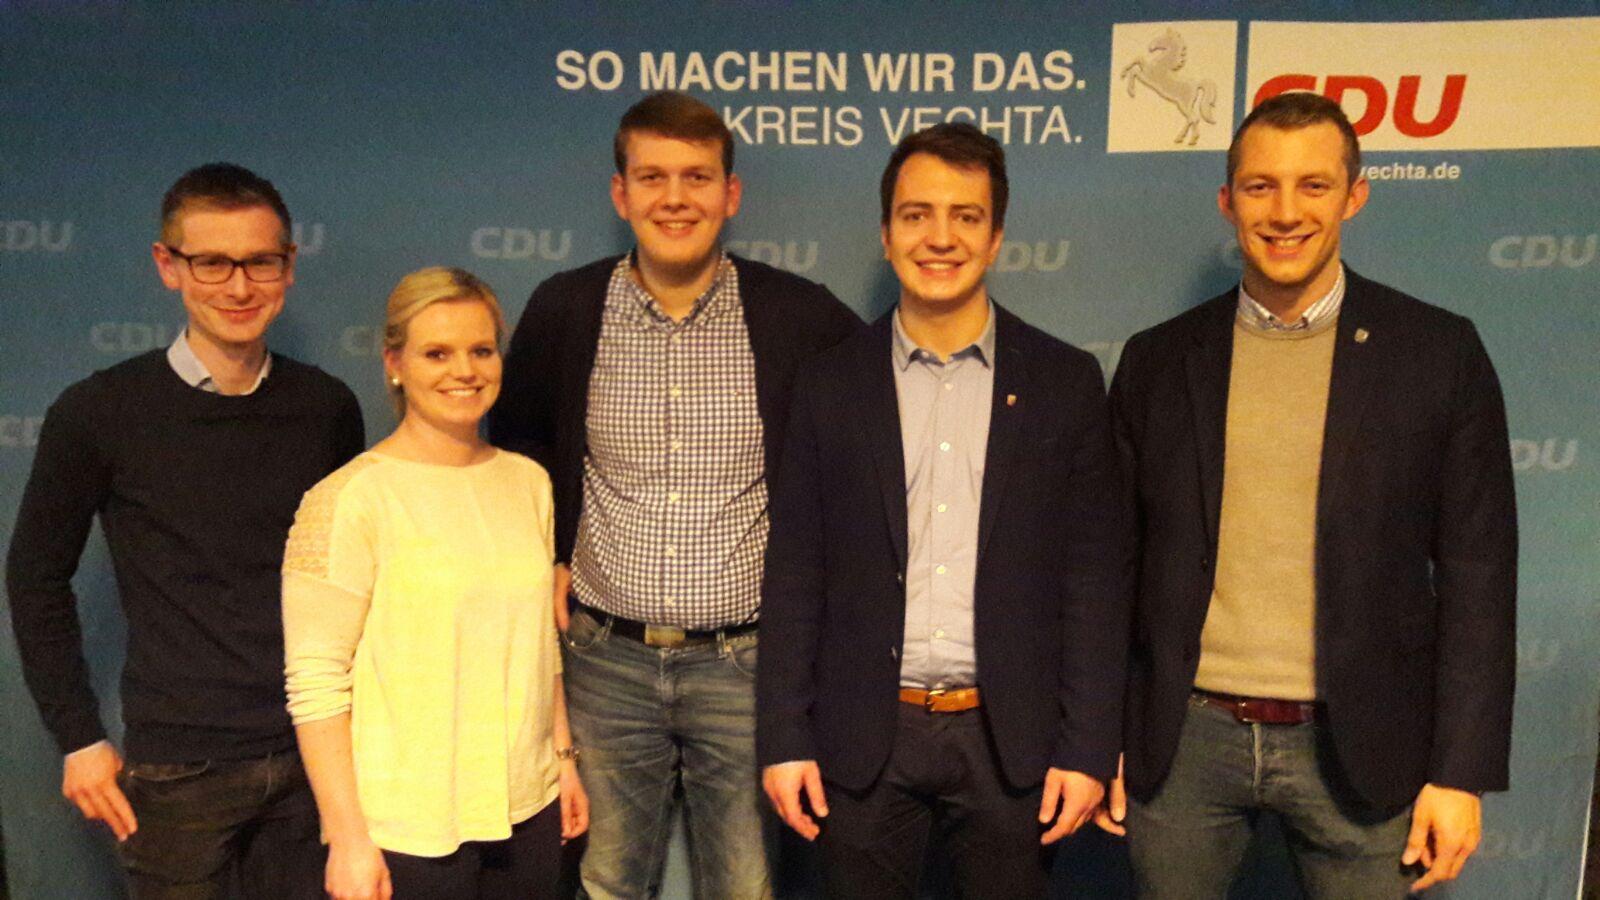 JU-Kreisvorsitzender Matthias Möller (links) freut sich mit (v.l.n.r.) Swantje Weuffen (Beisitzerin), Philipp Albrecht (stellv. CDU-Kreisvorsitzender), Fabio Maier und André Hüttemeyer (beide Beisitzer).